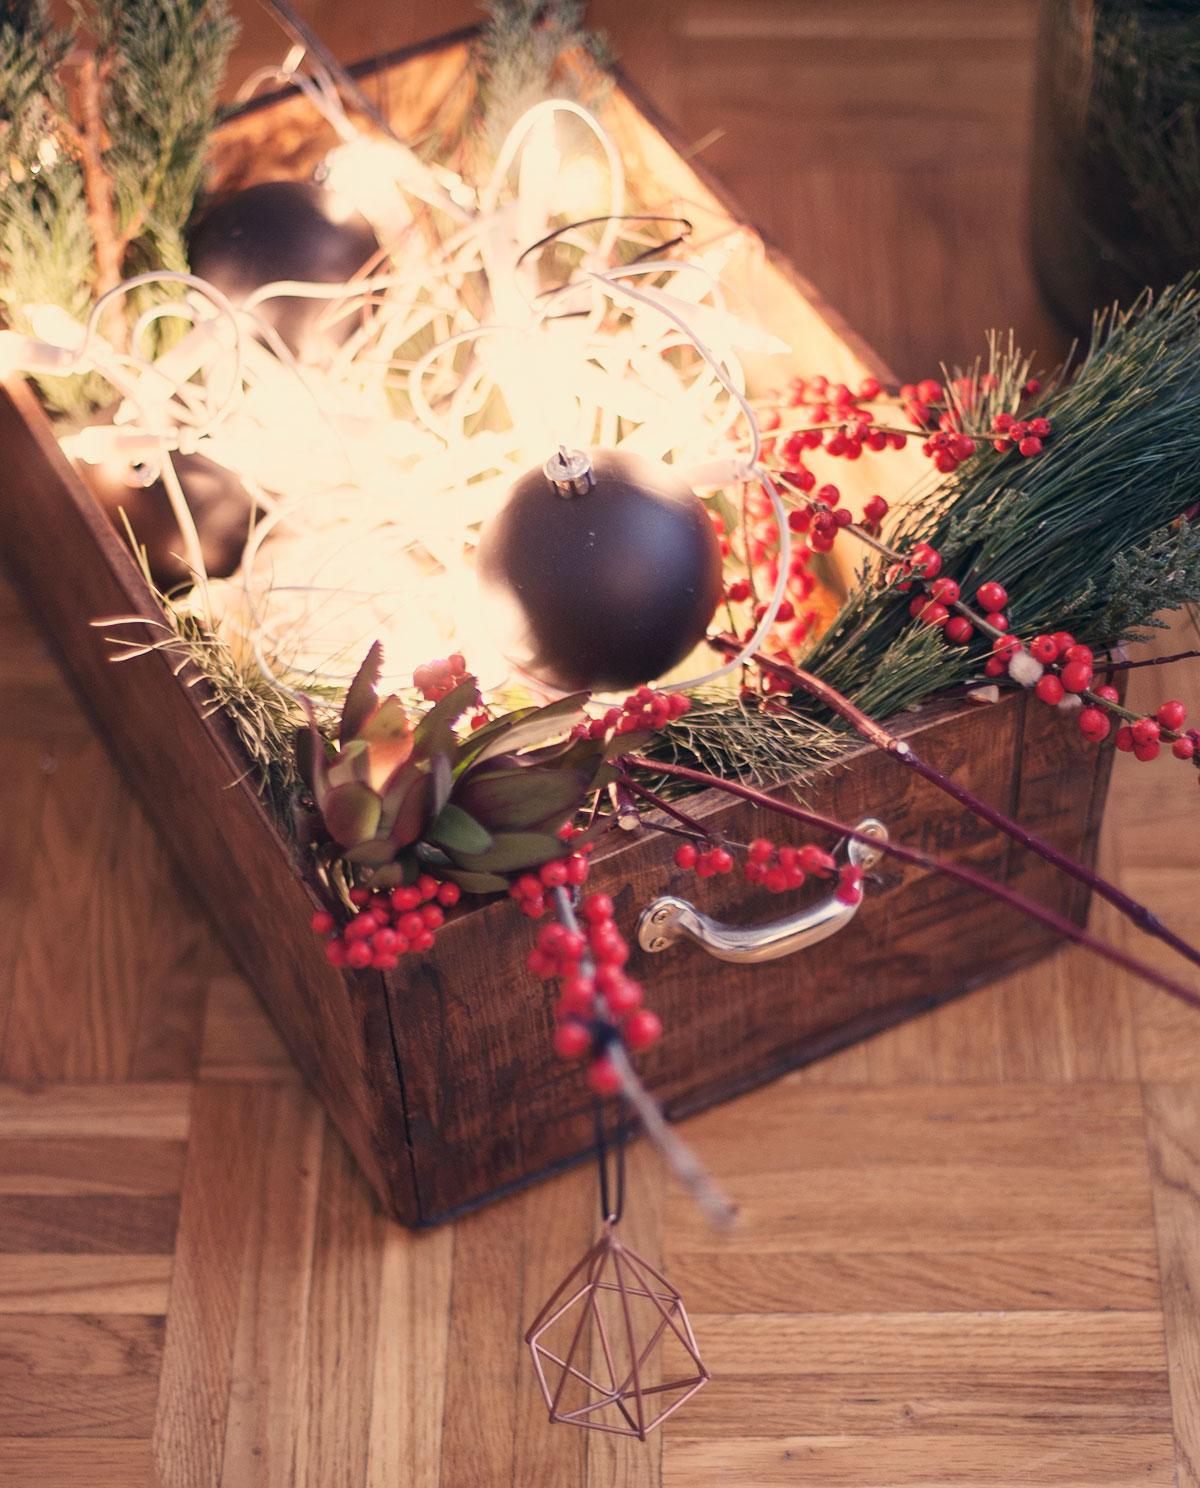 schnelle weihnachtsdekoration